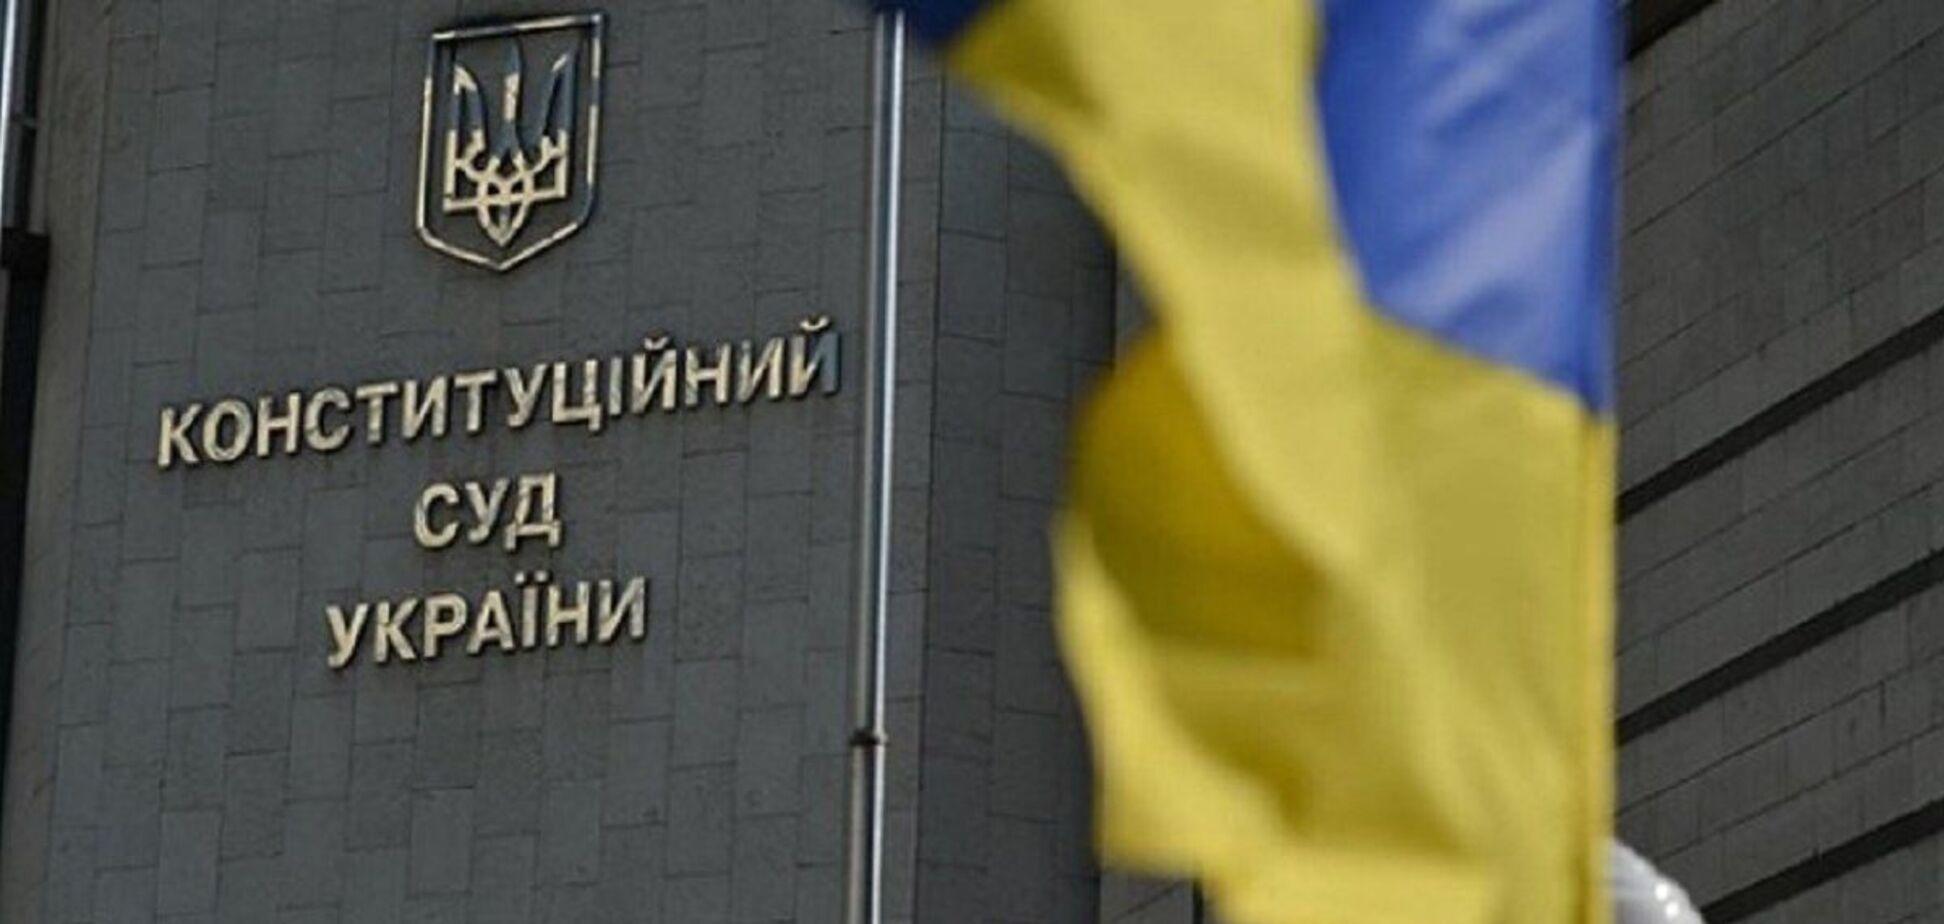 Конституційний суд України треба оновити, вважають в Європарламенті